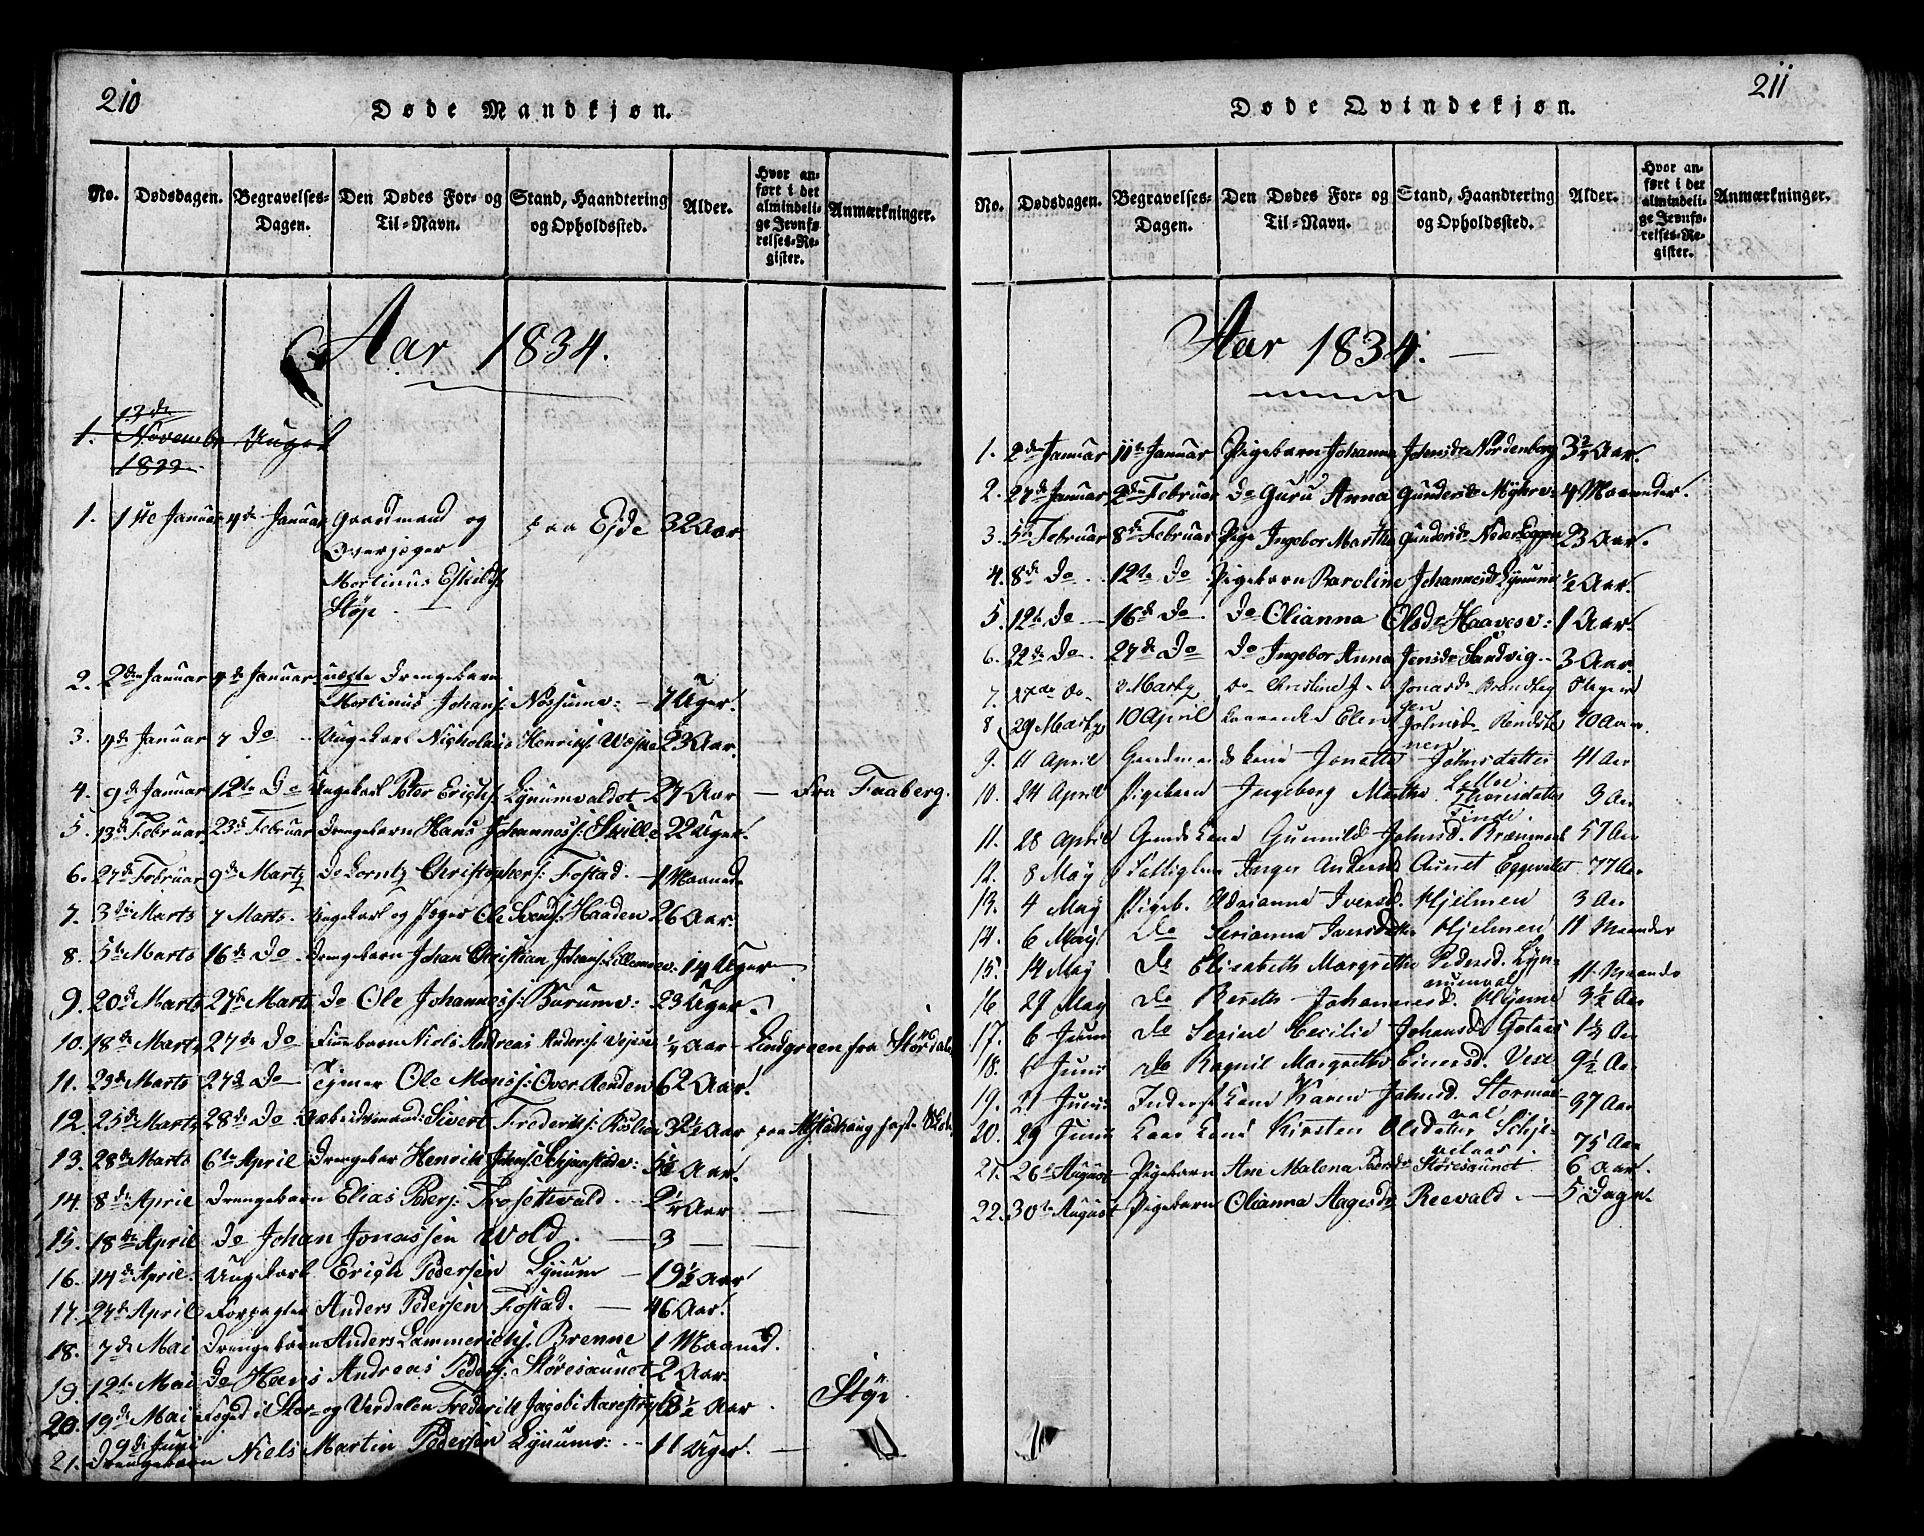 SAT, Ministerialprotokoller, klokkerbøker og fødselsregistre - Nord-Trøndelag, 717/L0169: Klokkerbok nr. 717C01, 1816-1834, s. 210-211